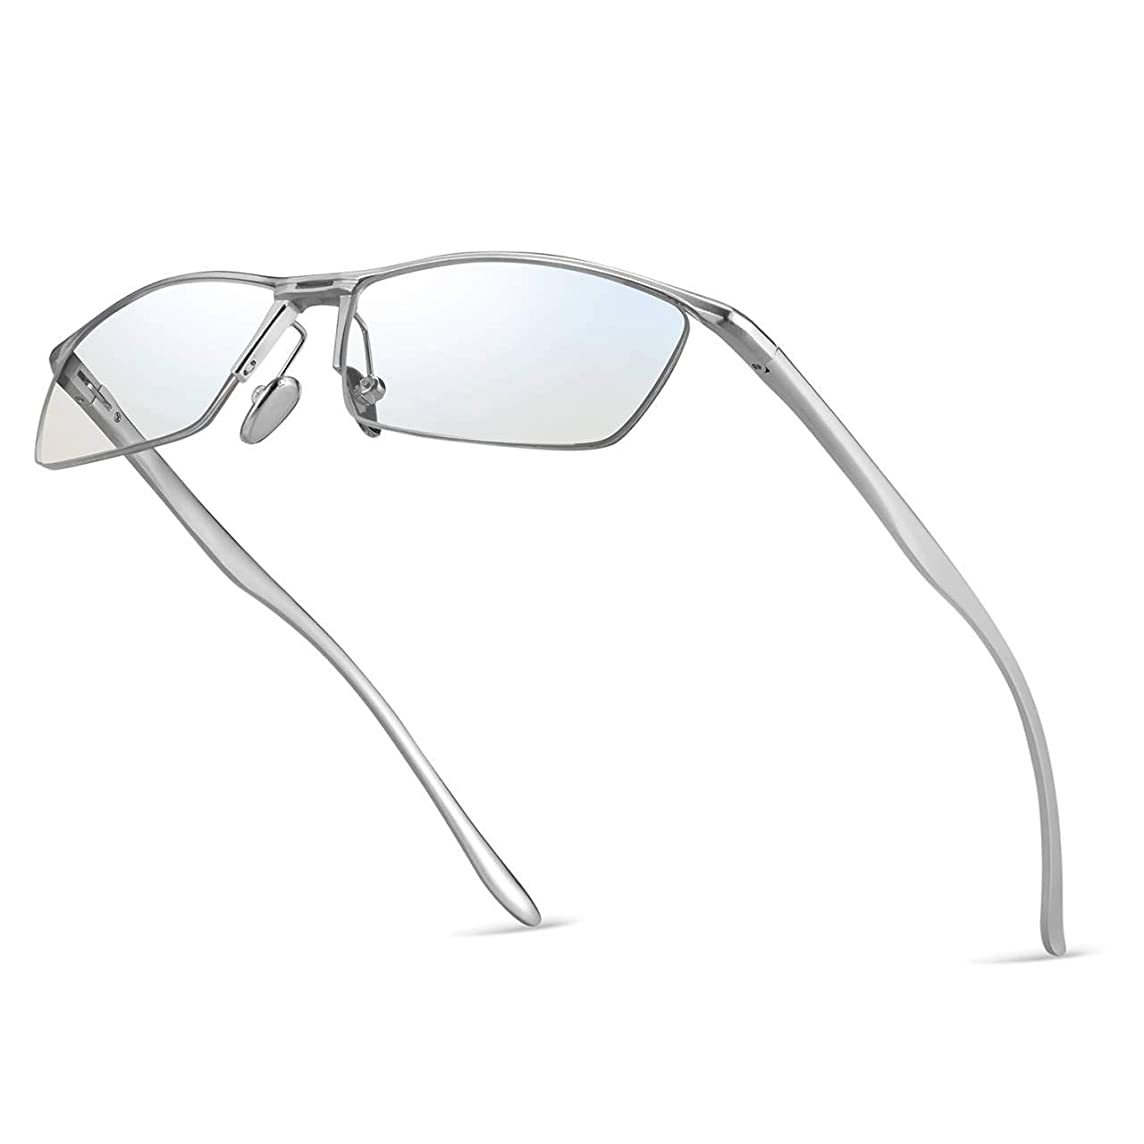 スタジオファントムエレベーターCEETOL ブルーライトカットメガネ パソコン用メガネ 伊達メガネ 超軽量 おしゃれ 輻射防止 ゲーム用 眼鏡 ケース めがね拭き付き 男女兼用